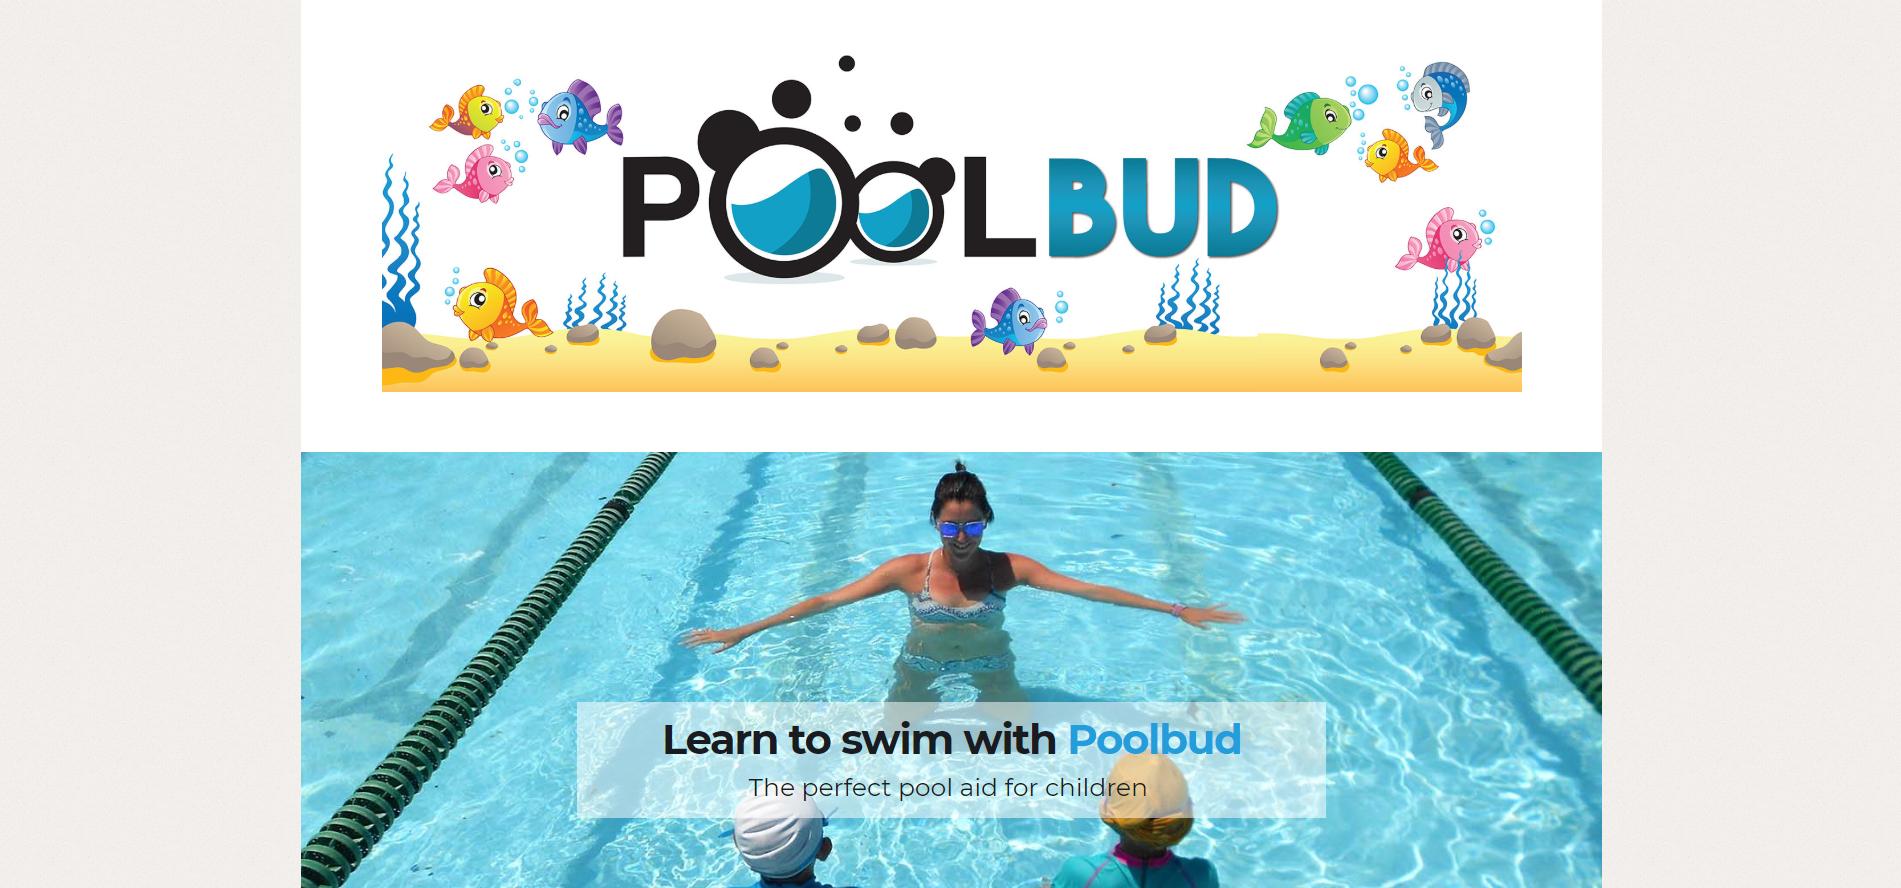 poolbud